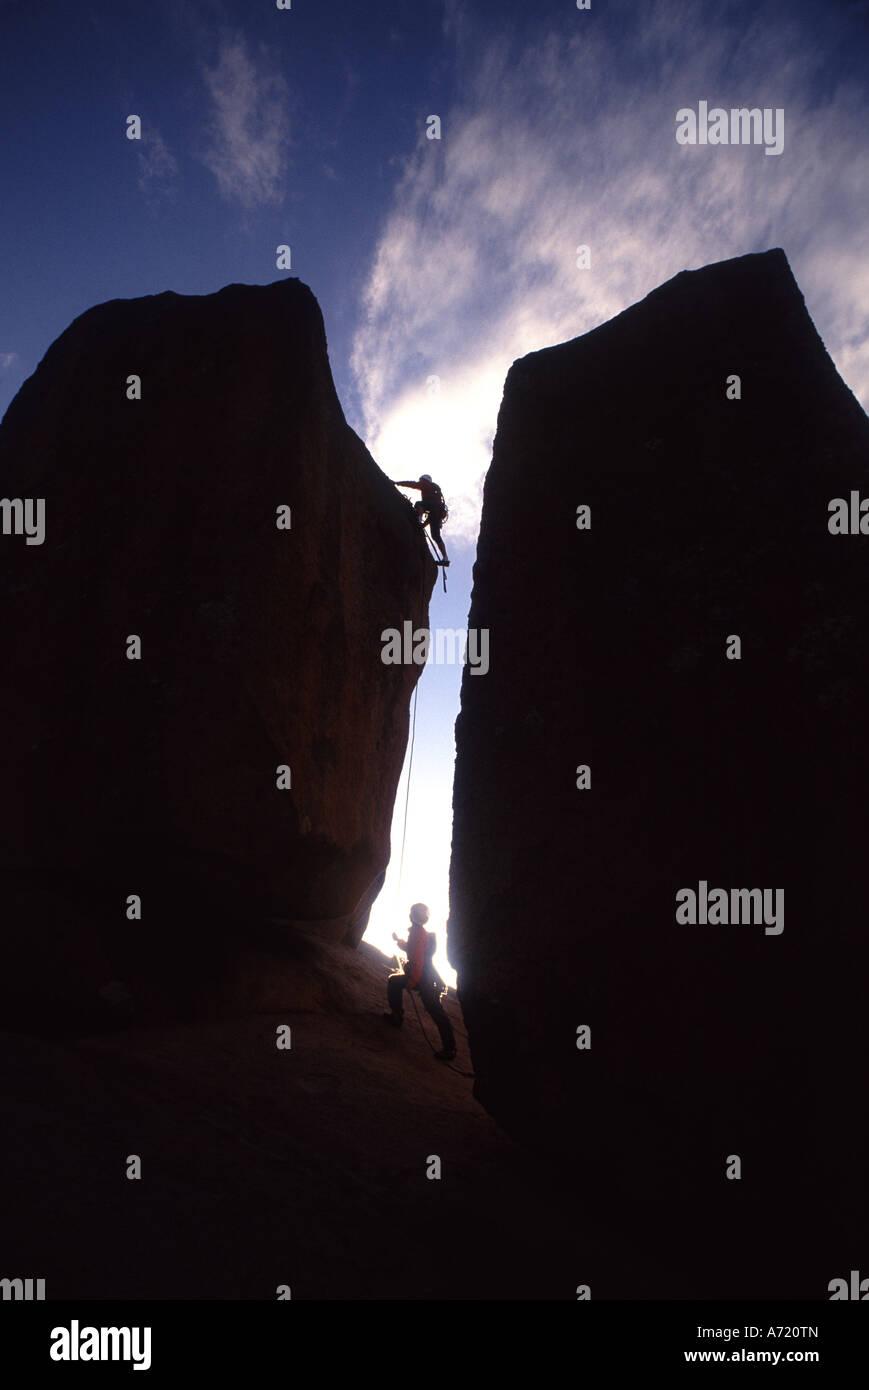 La silueta de dos hombres pueden verse escalada Imagen De Stock